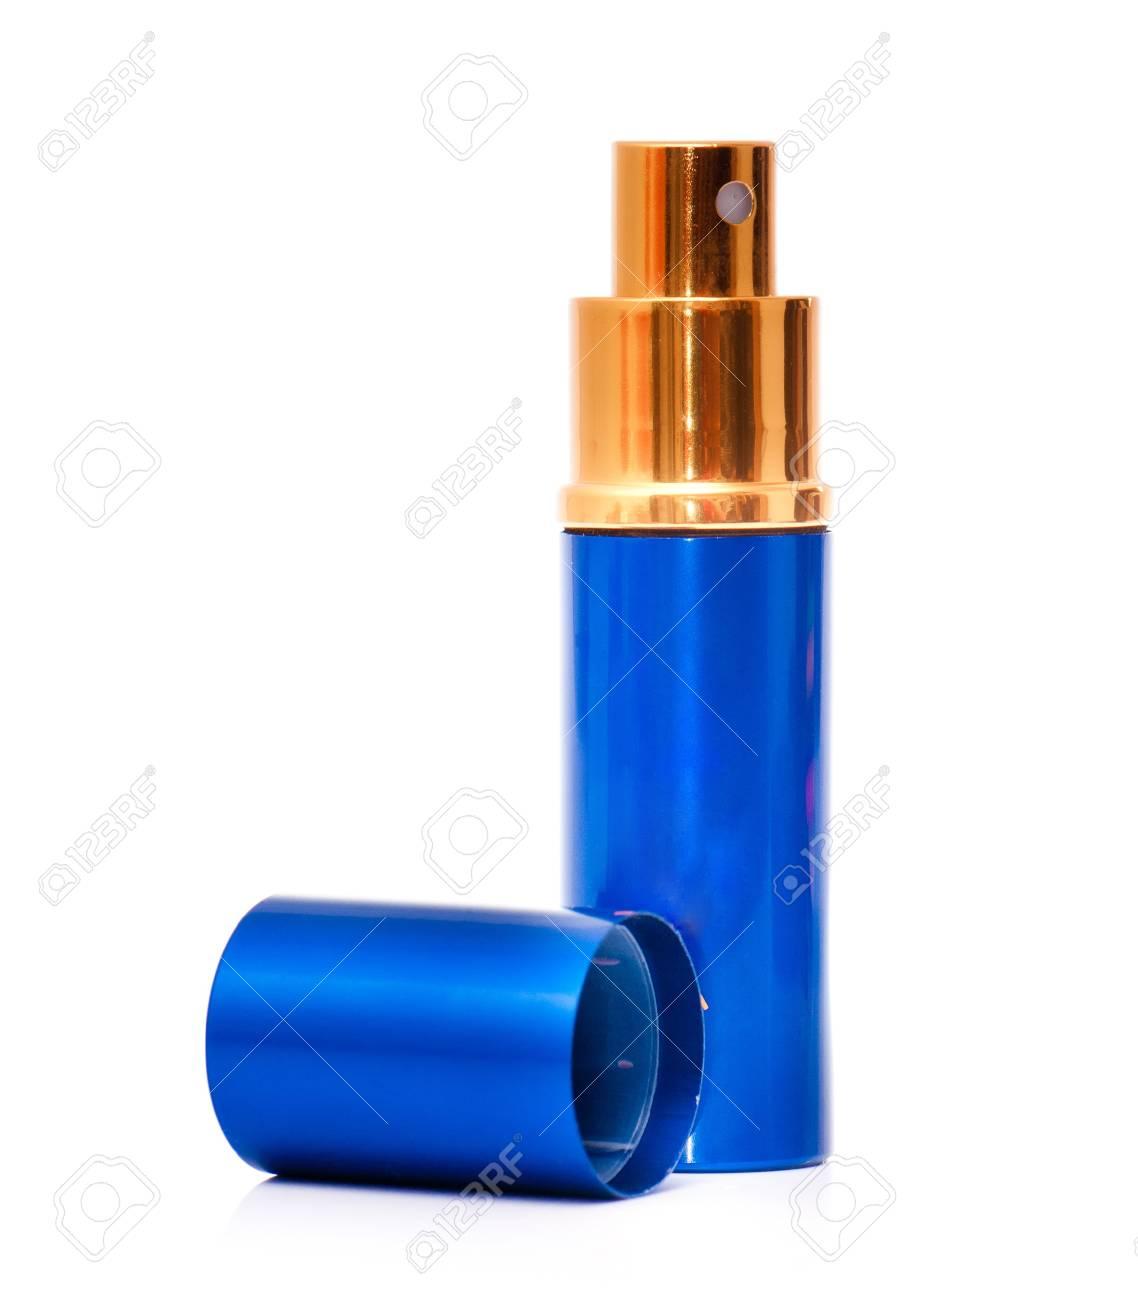 Backgroung Bouteille Un Vide En Isolé Verre Bleu De Parfum Blanc Sur qzUMVSGp